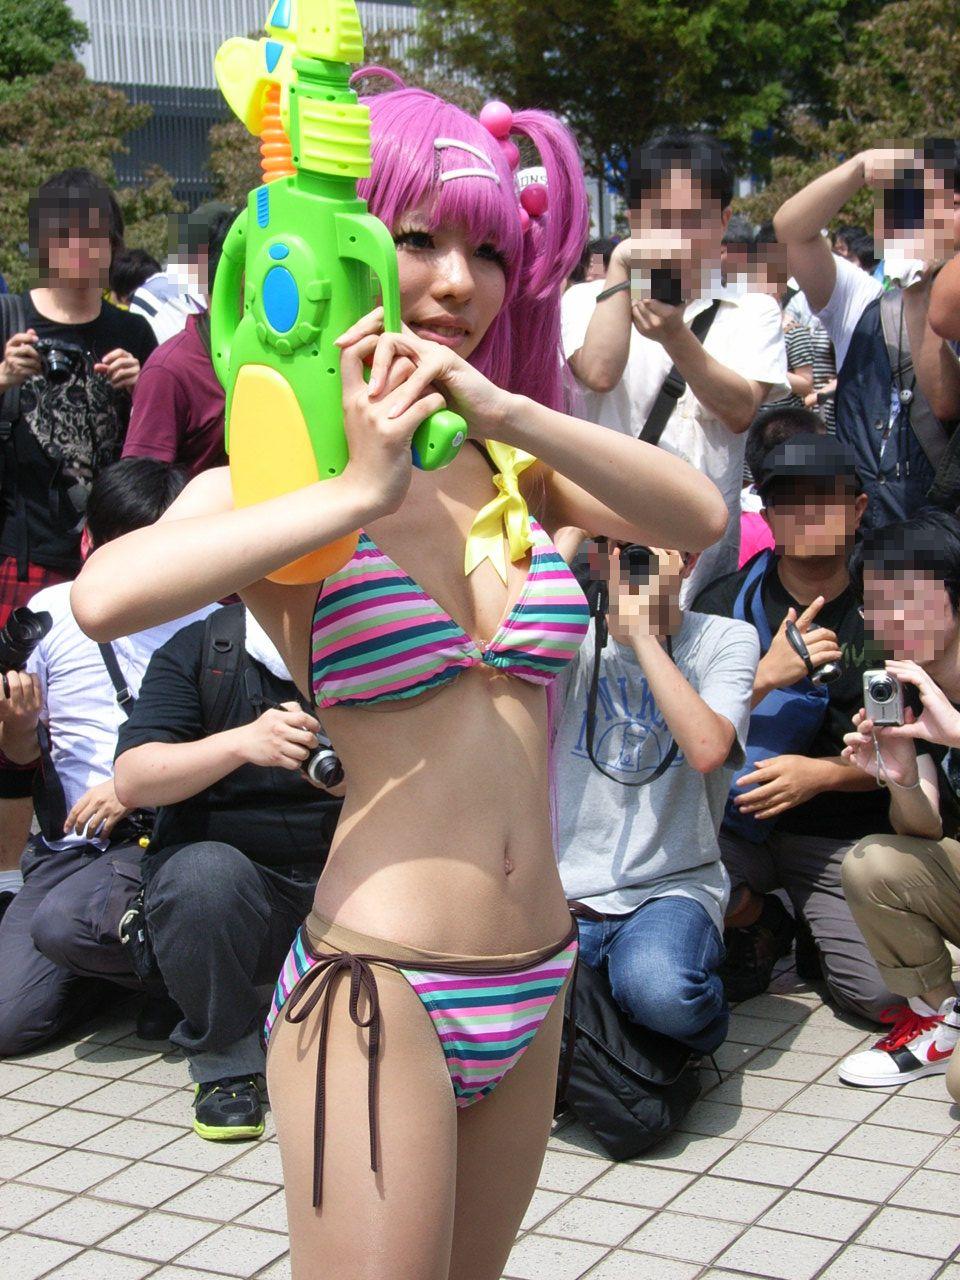 【コスプレエロ画像】この衣装と肉体で食ってる人もw絶品ボディコスプレイヤー(;´Д`)